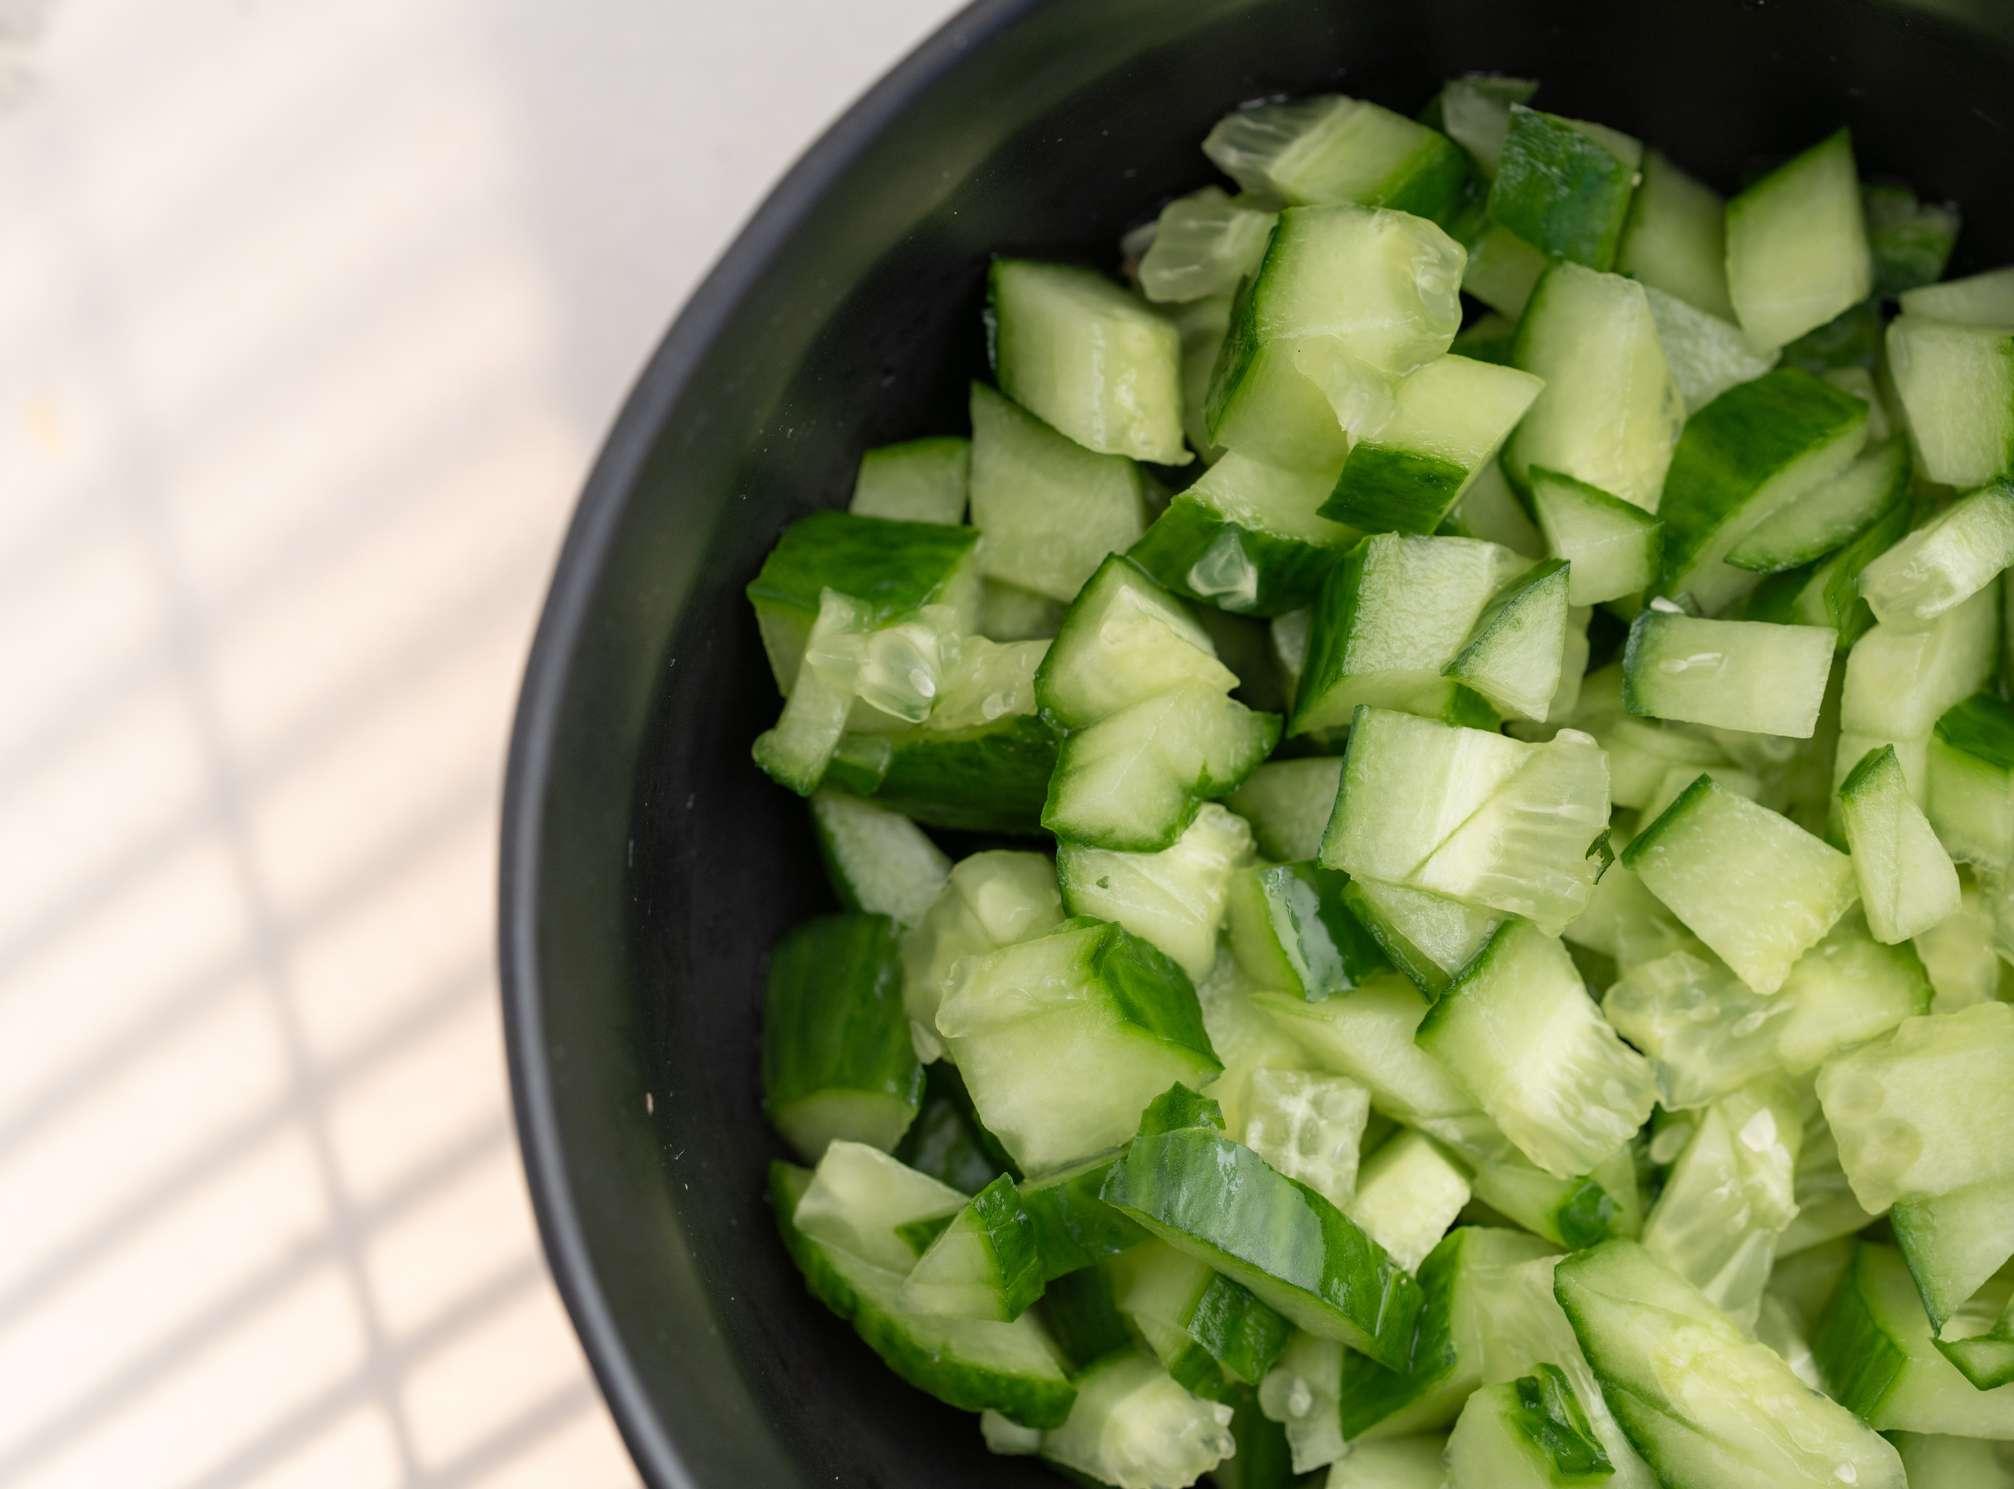 Bowl of freshly chopped cucumbers.